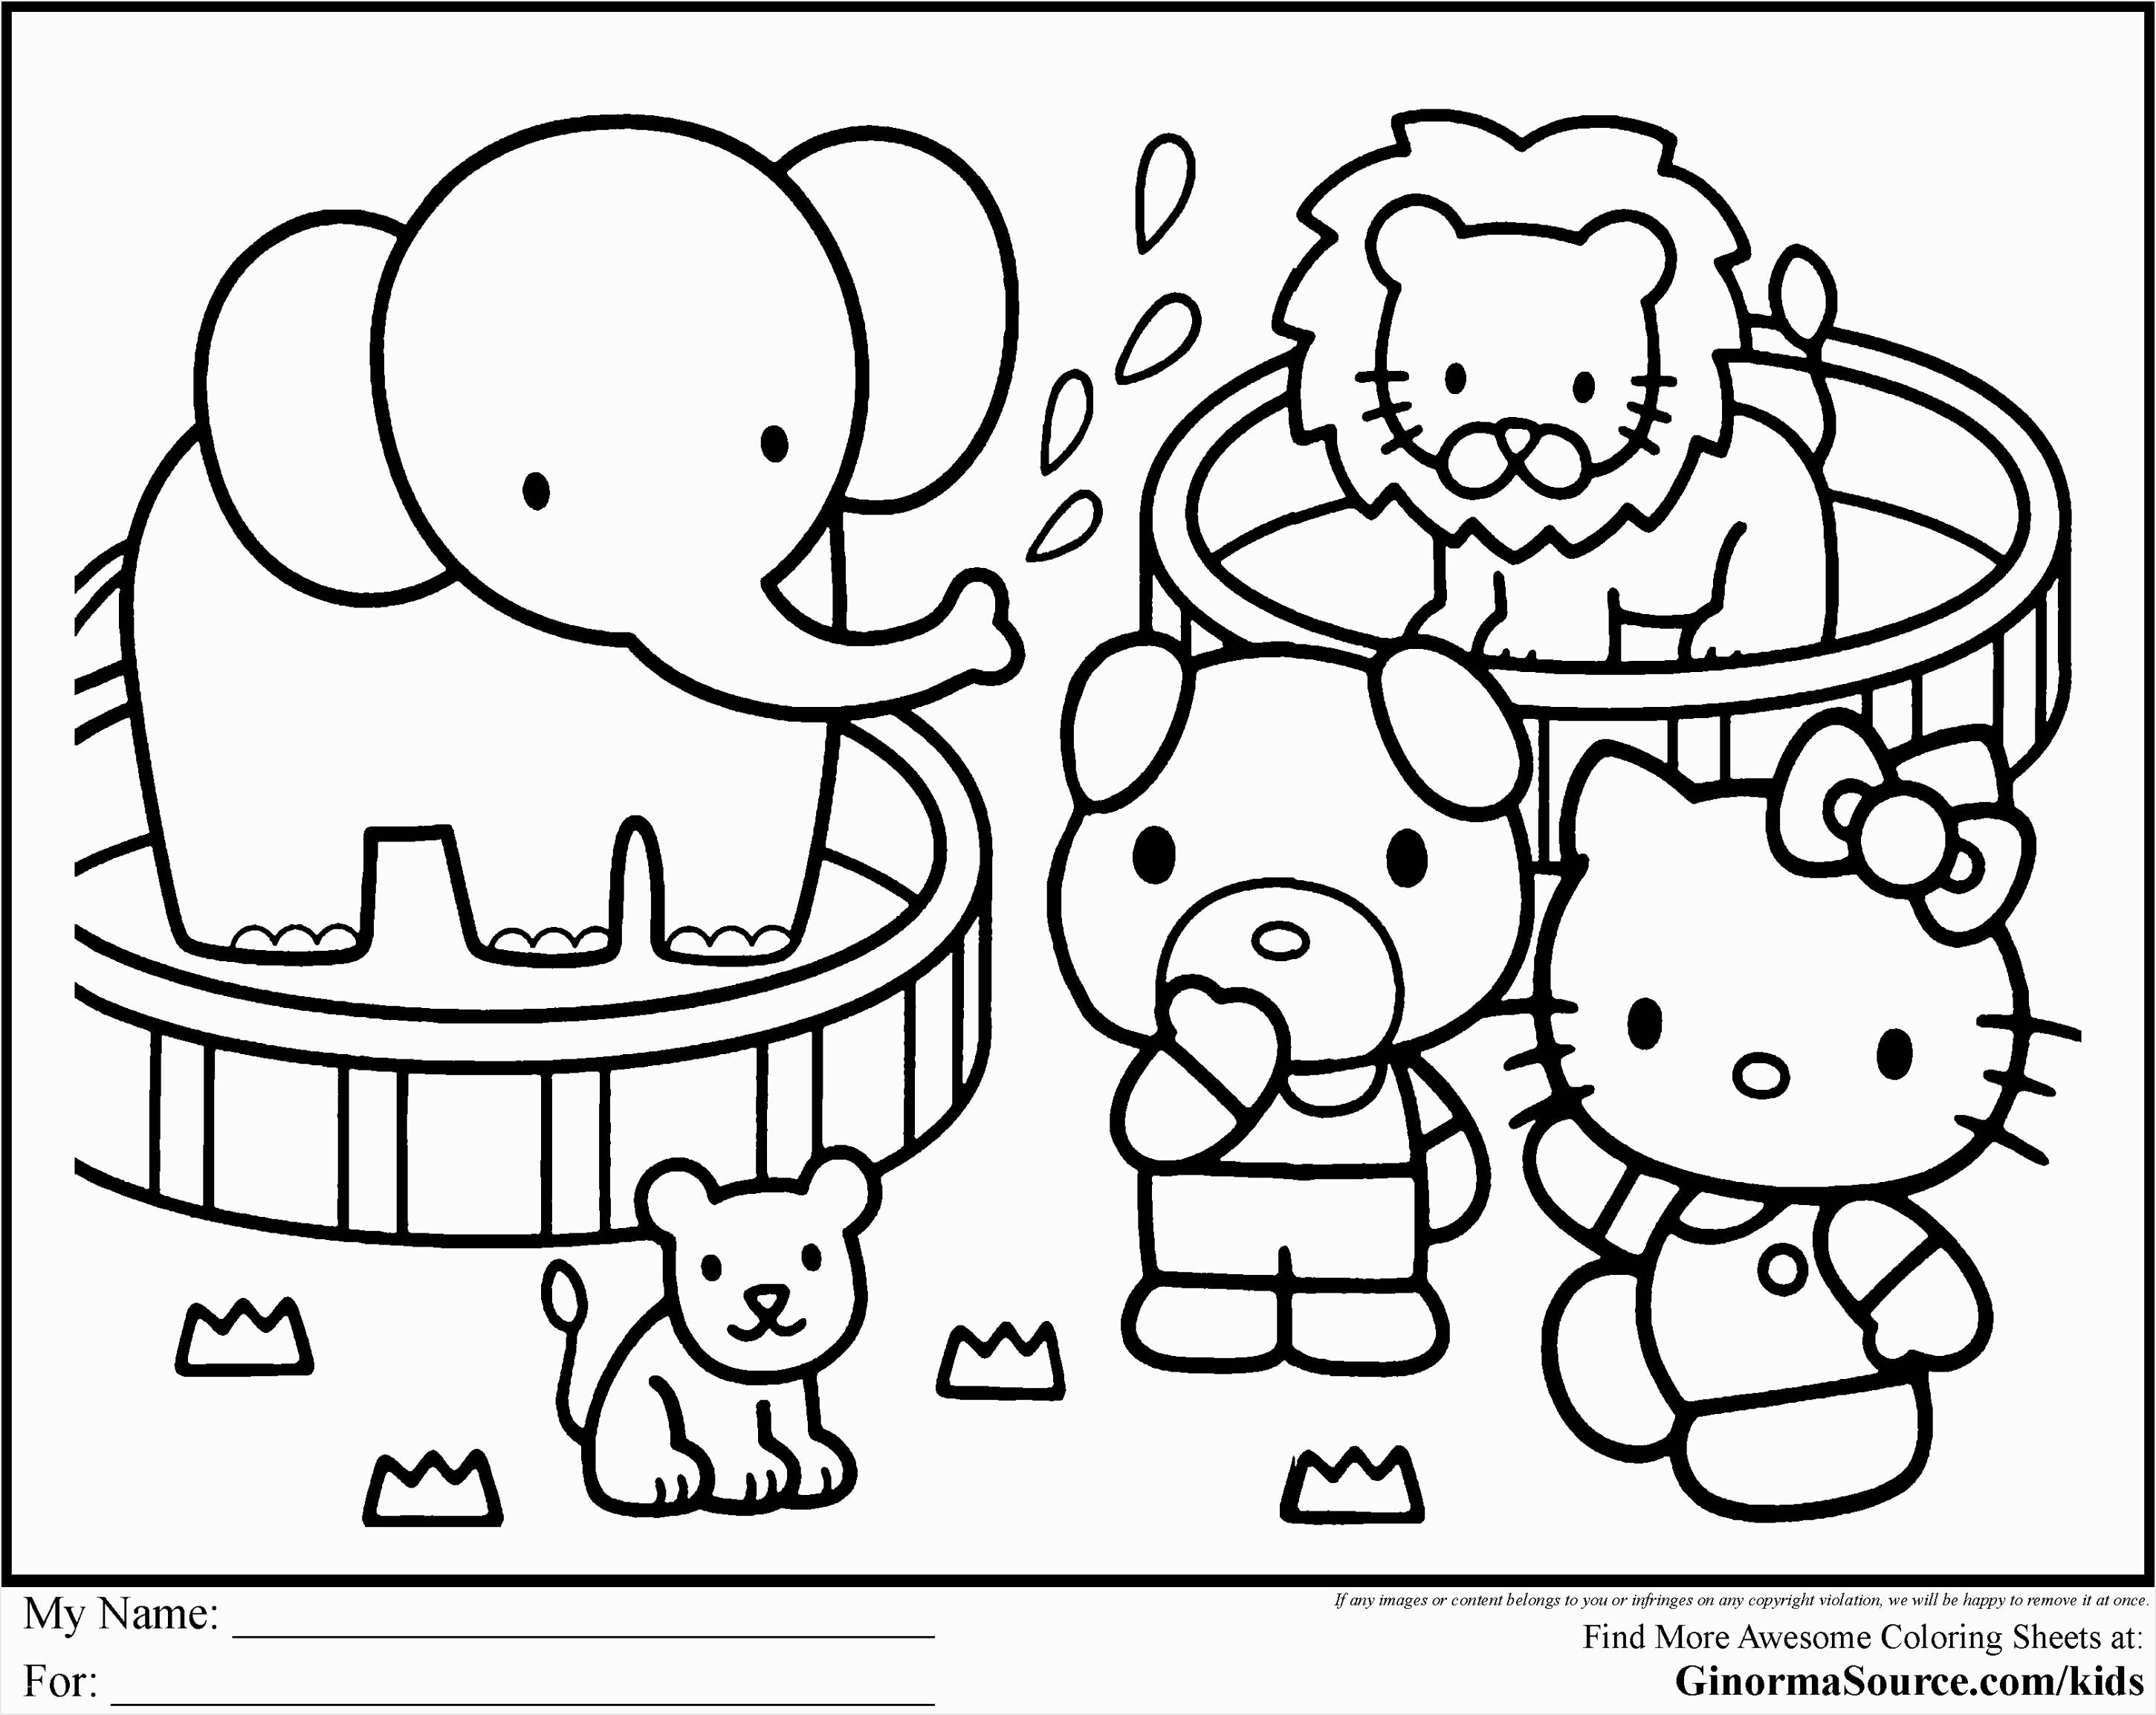 hello kitty printable coloring pages elegant hello kitty ausmalbild inspirierend 40 ausmalbilder emoji of hello kitty printable coloring pages ipeww